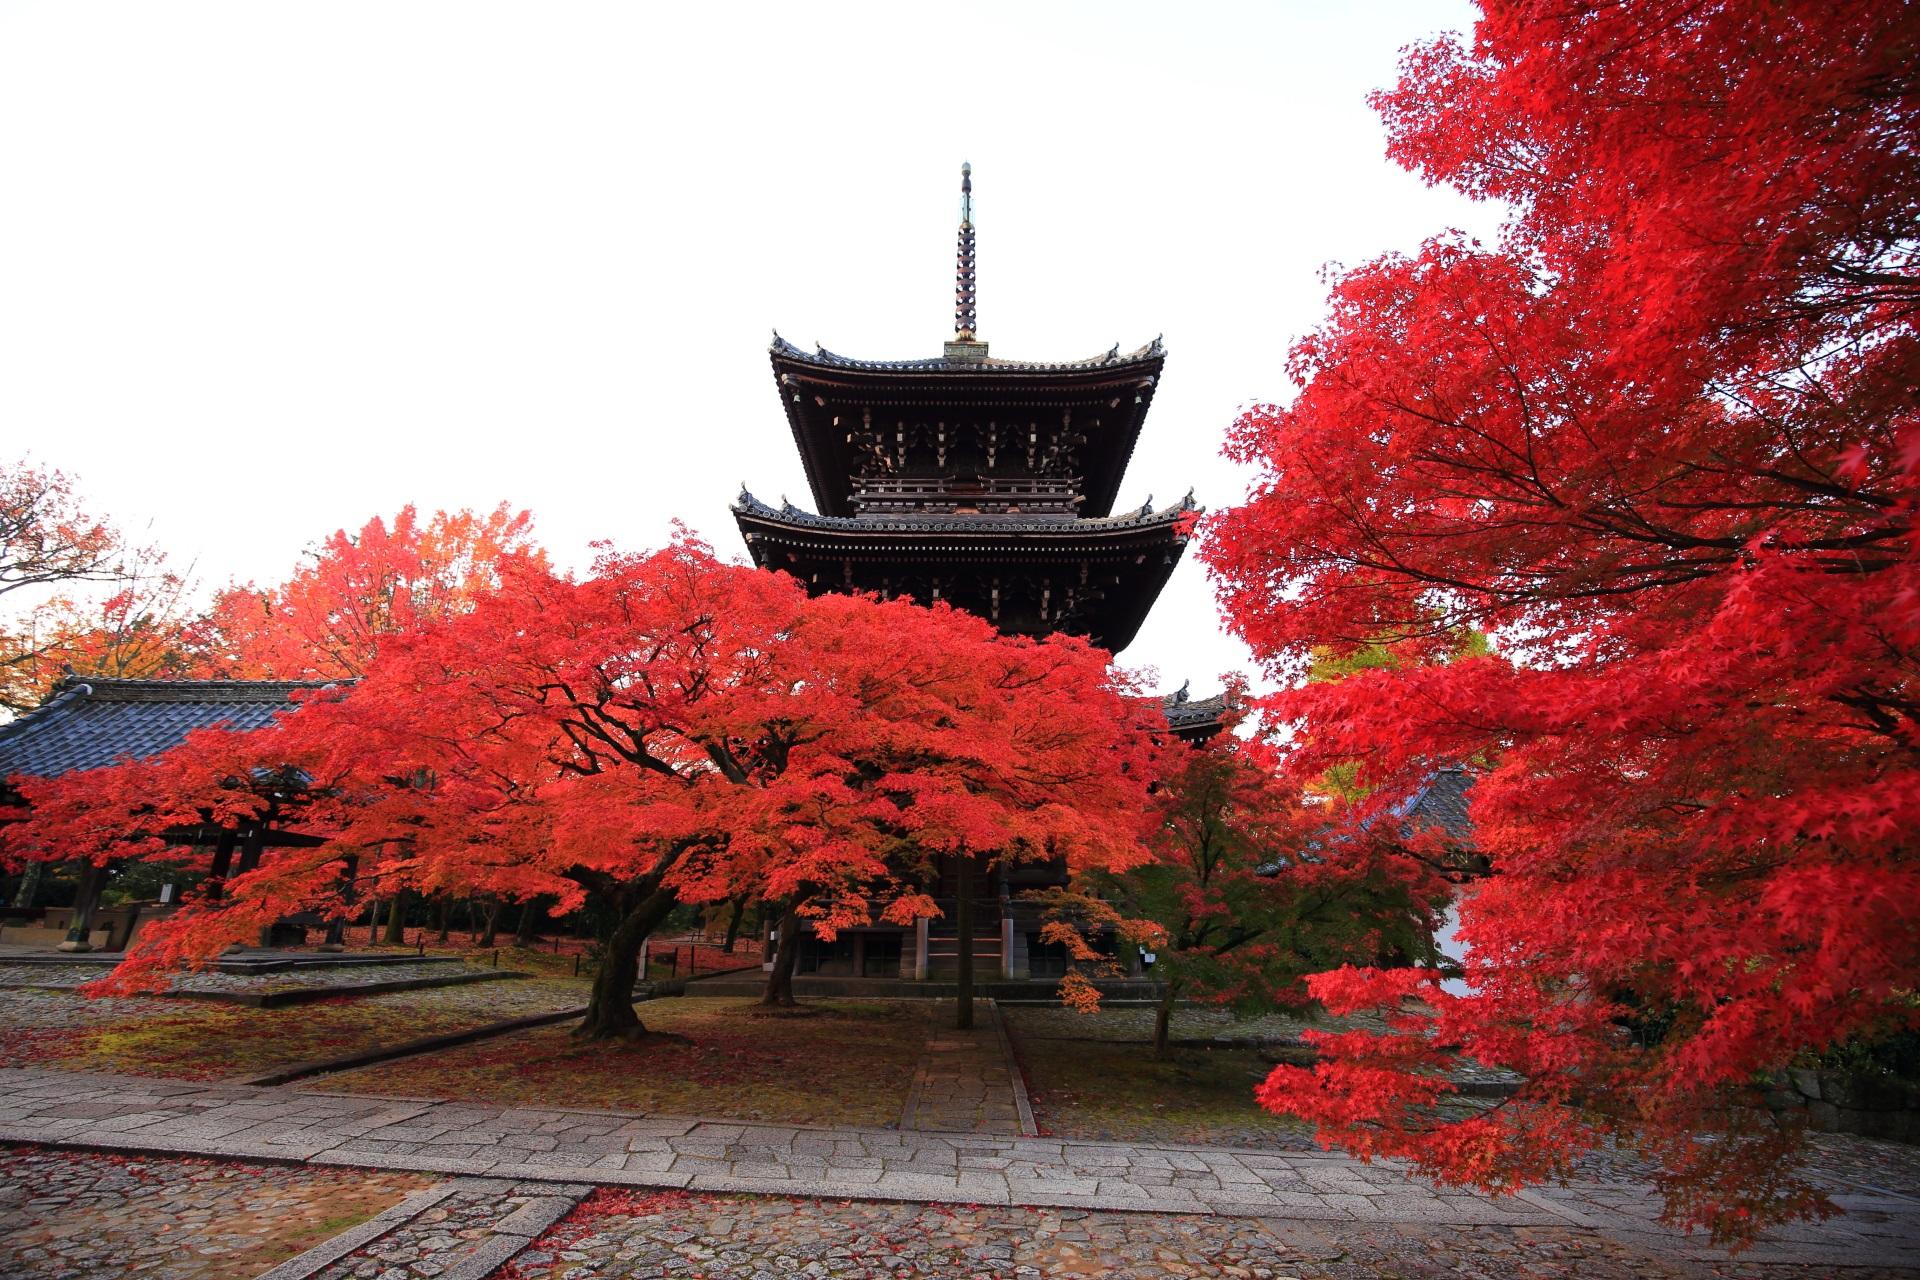 三重塔と手水舎を染める炎のような紅葉